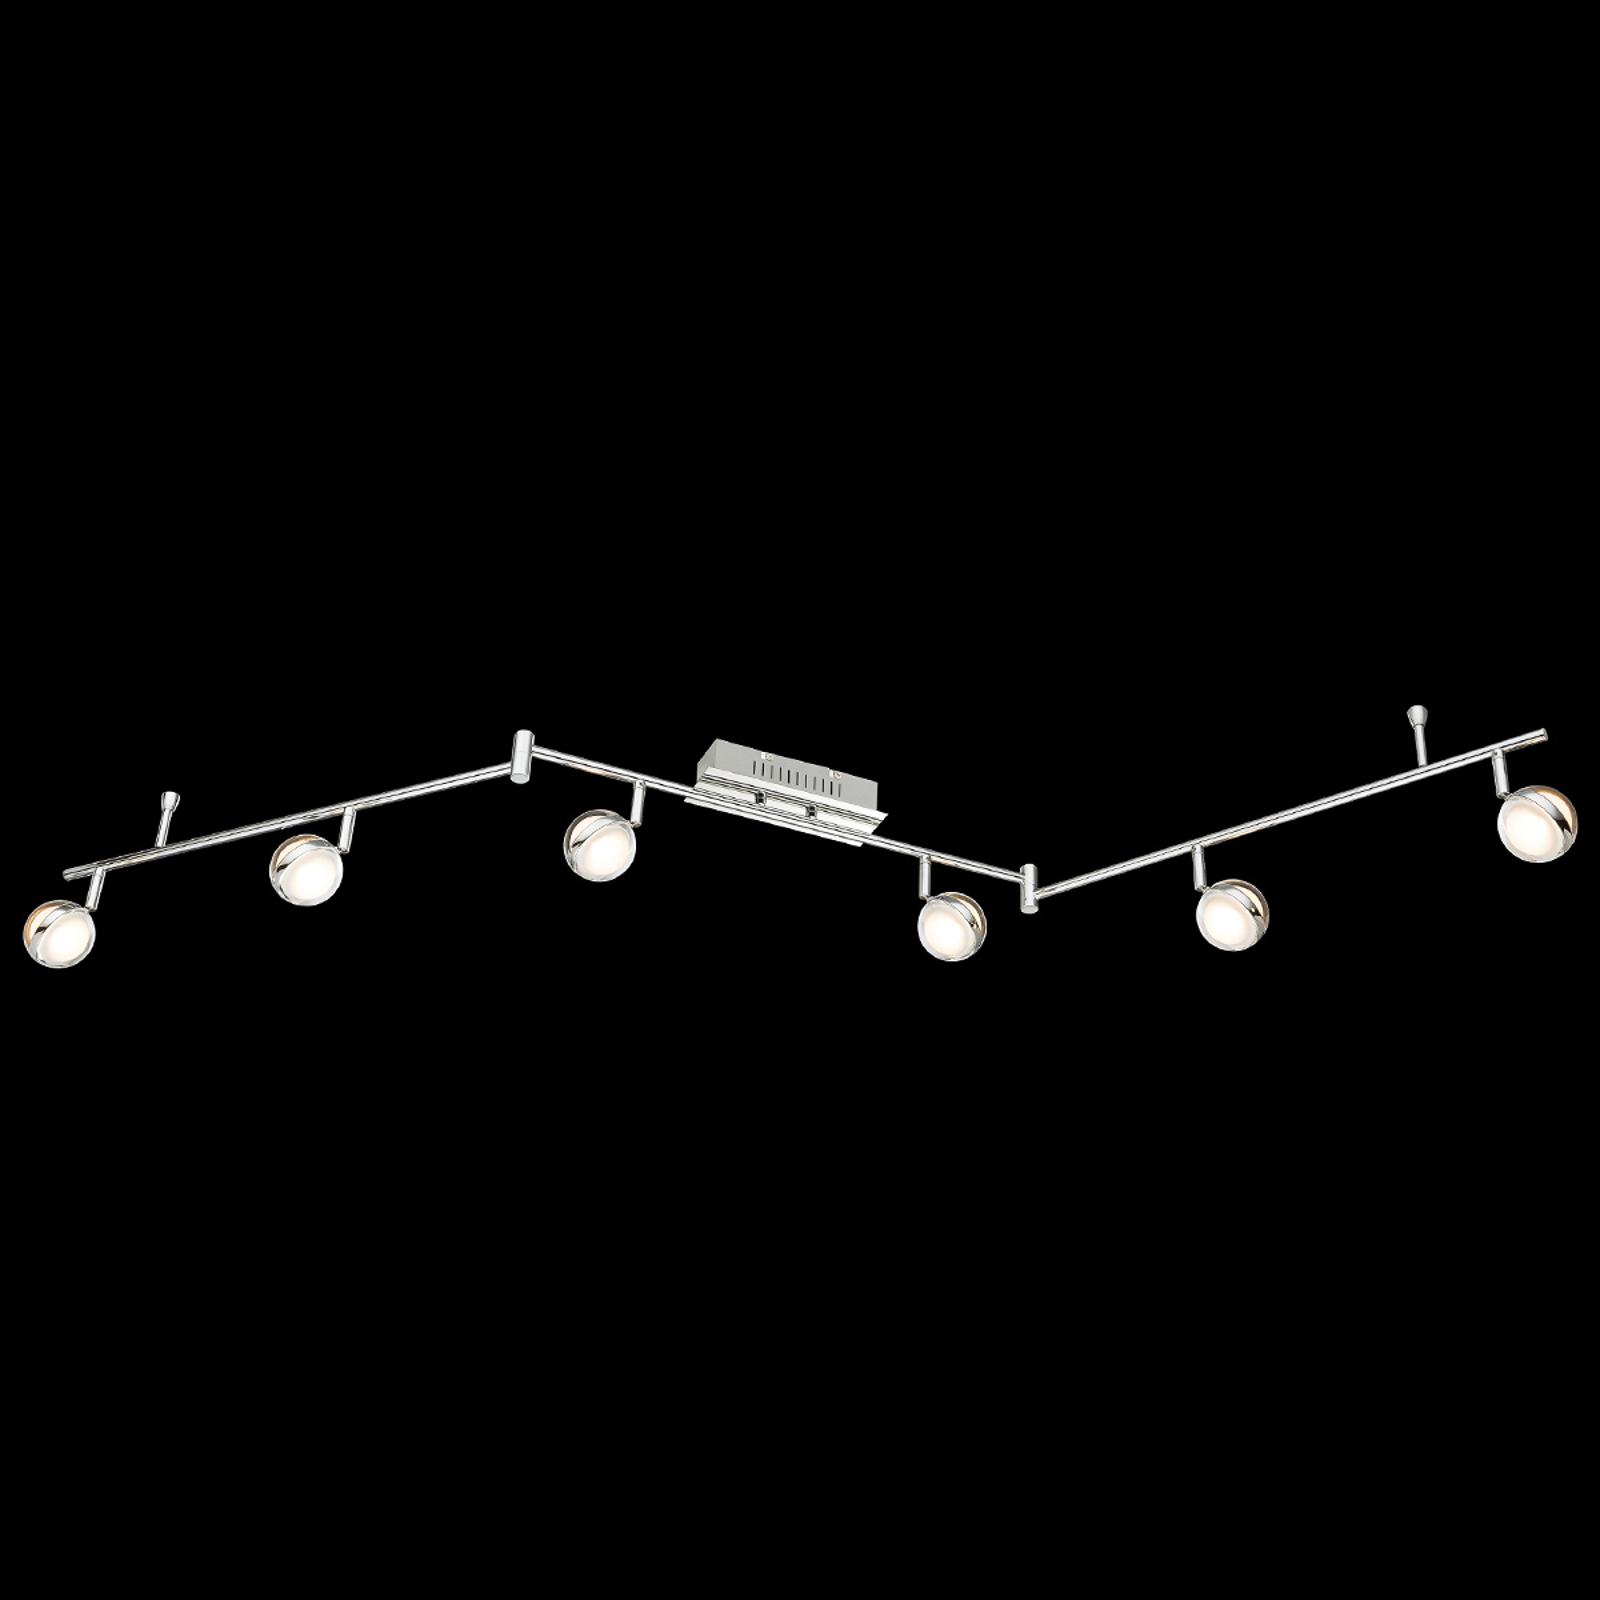 LED-taklampe Fulton seks lys